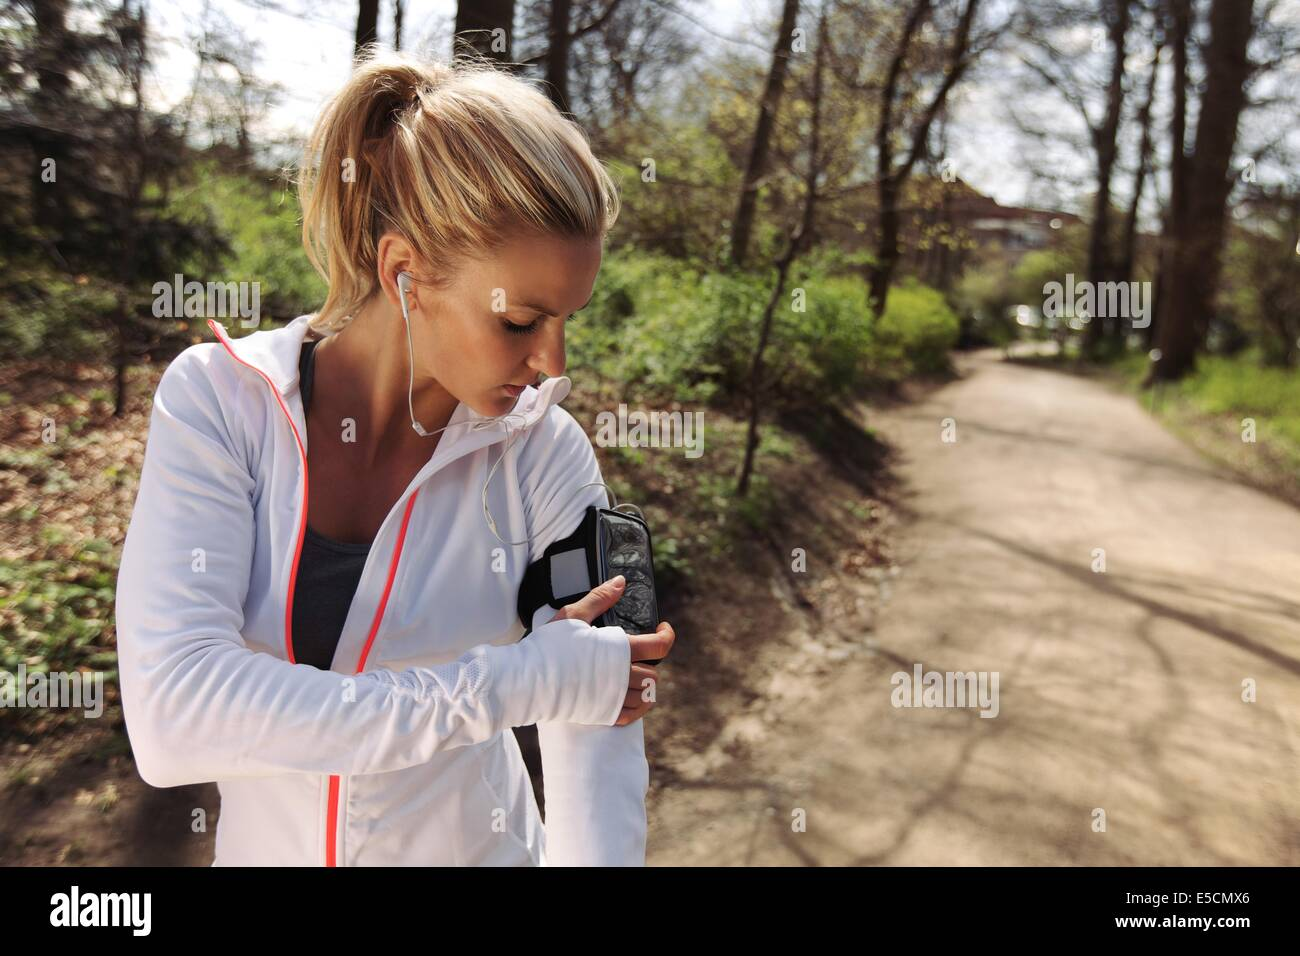 Belle jeune femme de la formation à l'extérieur pendant qu'à l'aide d'un smartphone Photo Stock